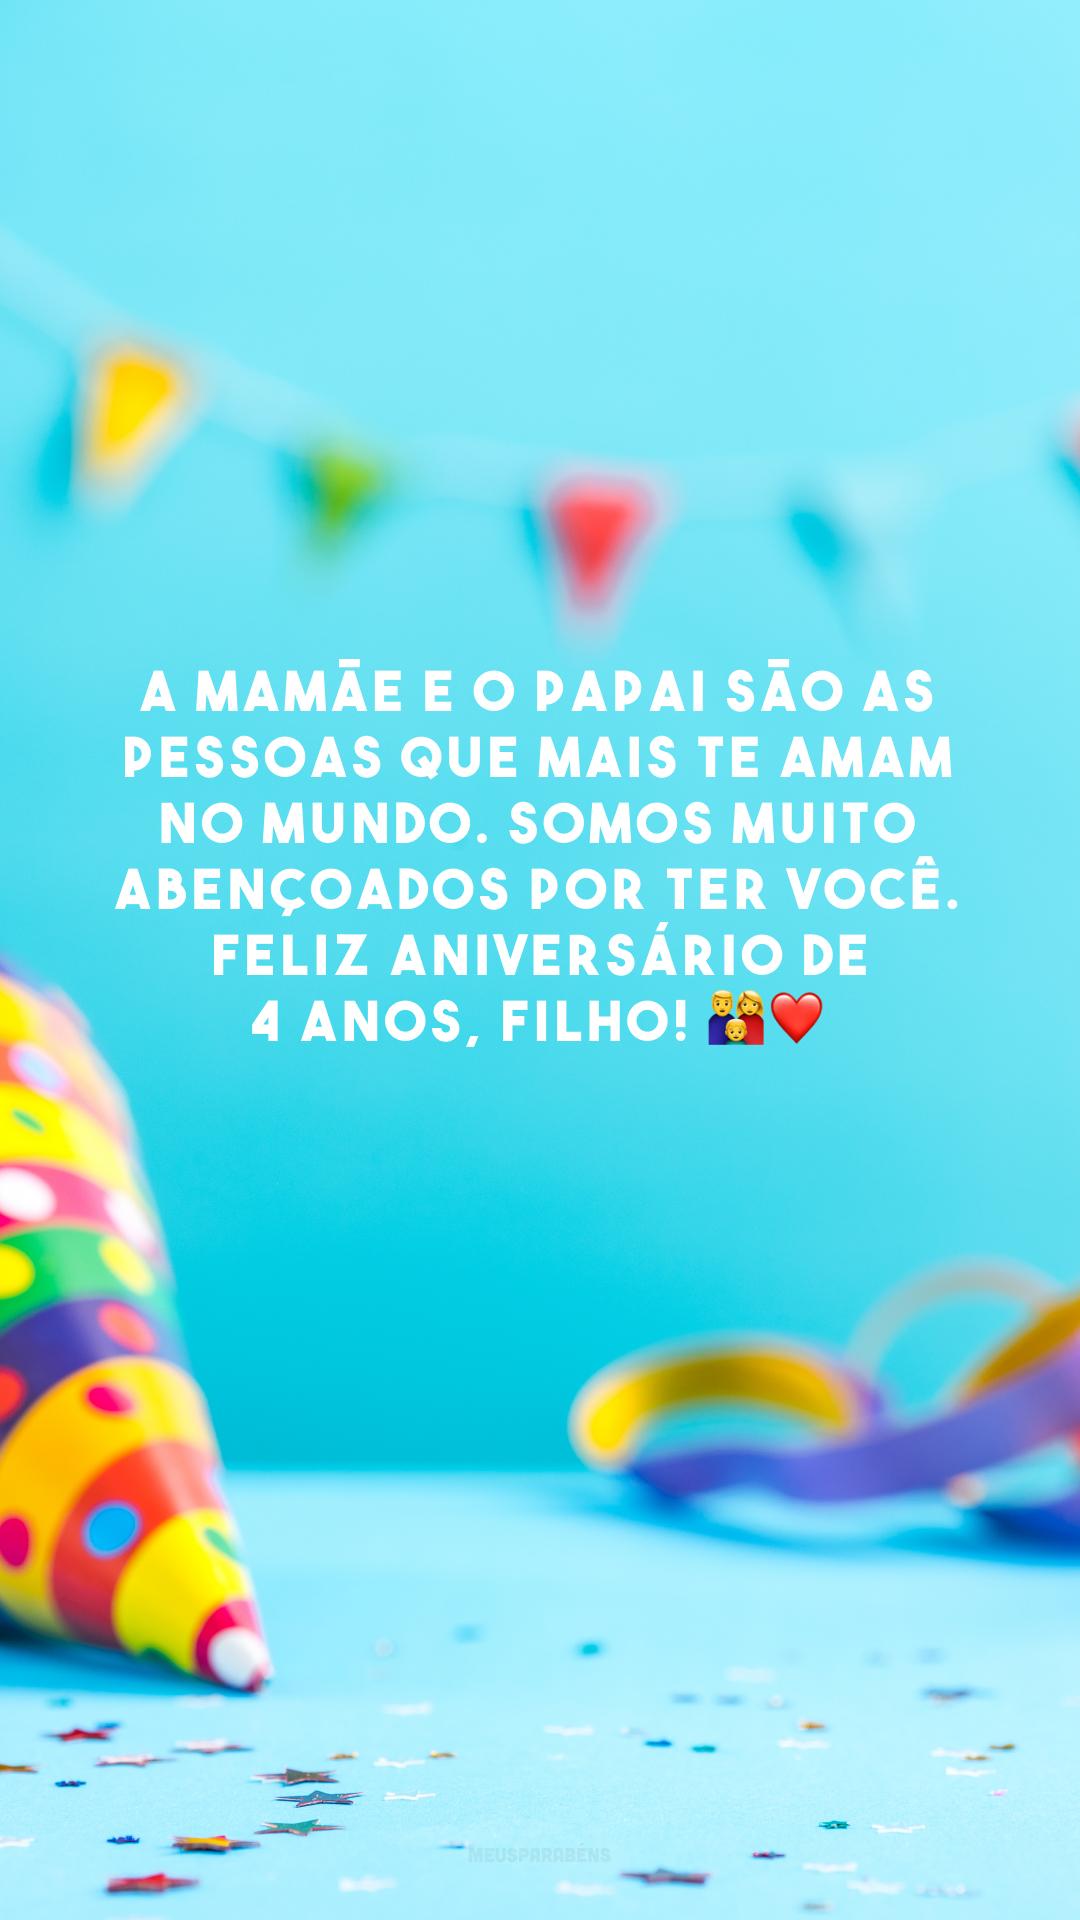 A mamãe e o papai são as pessoas que mais te amam no mundo. Somos muito abençoados por ter você. Feliz aniversário de 4 anos, filho! 👪❤️